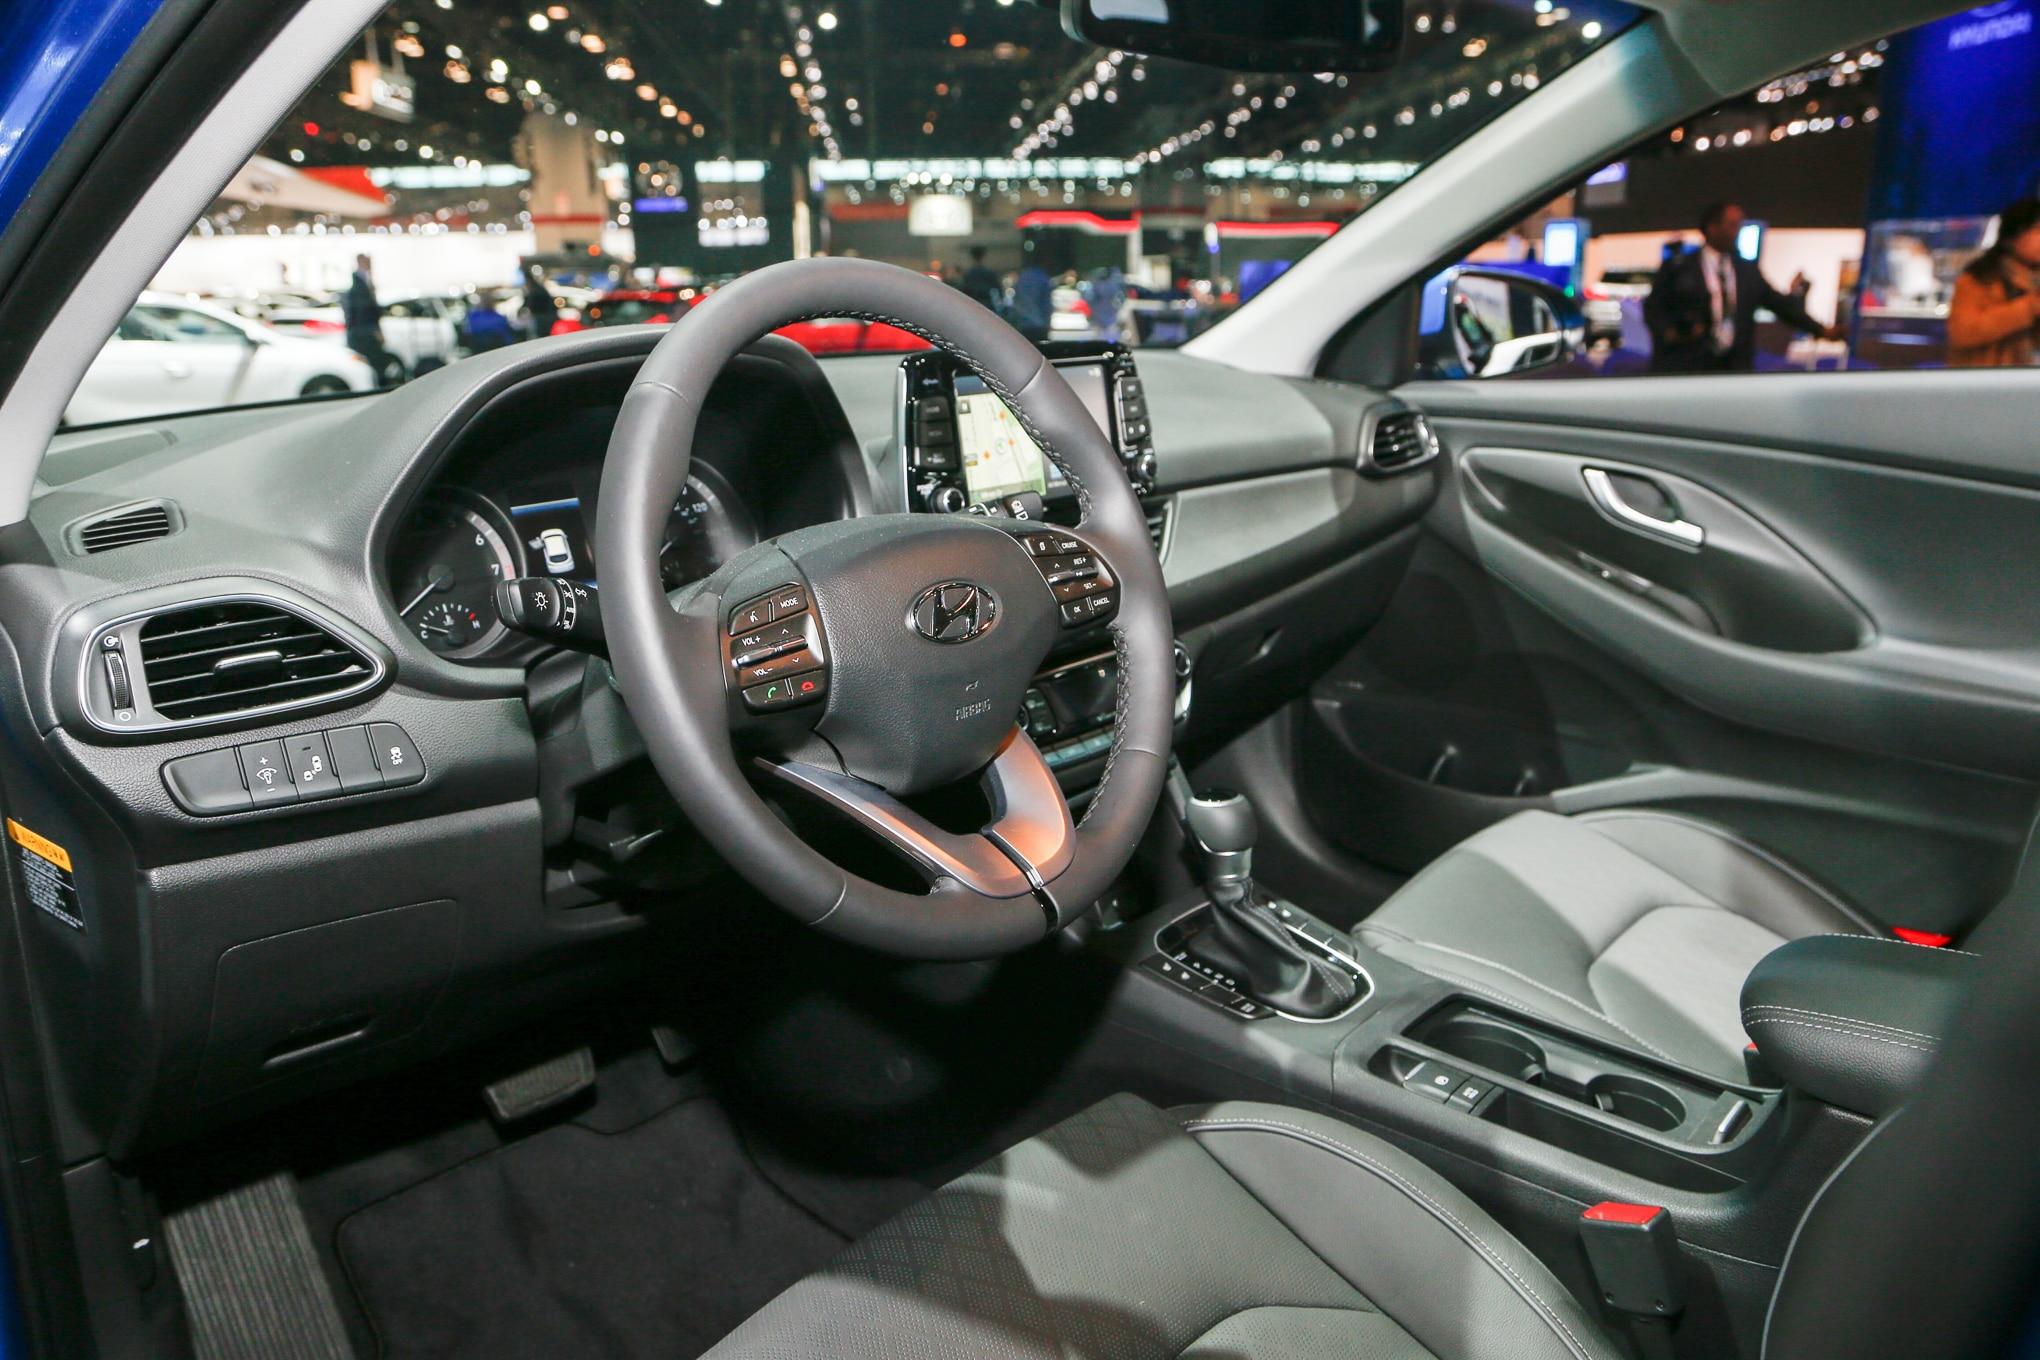 Manual De Motor Hyundai Auto Electrical Wiring Diagram Vanagon Alternator 213 8155 Elantra Gt 2018 Primer Vistazo